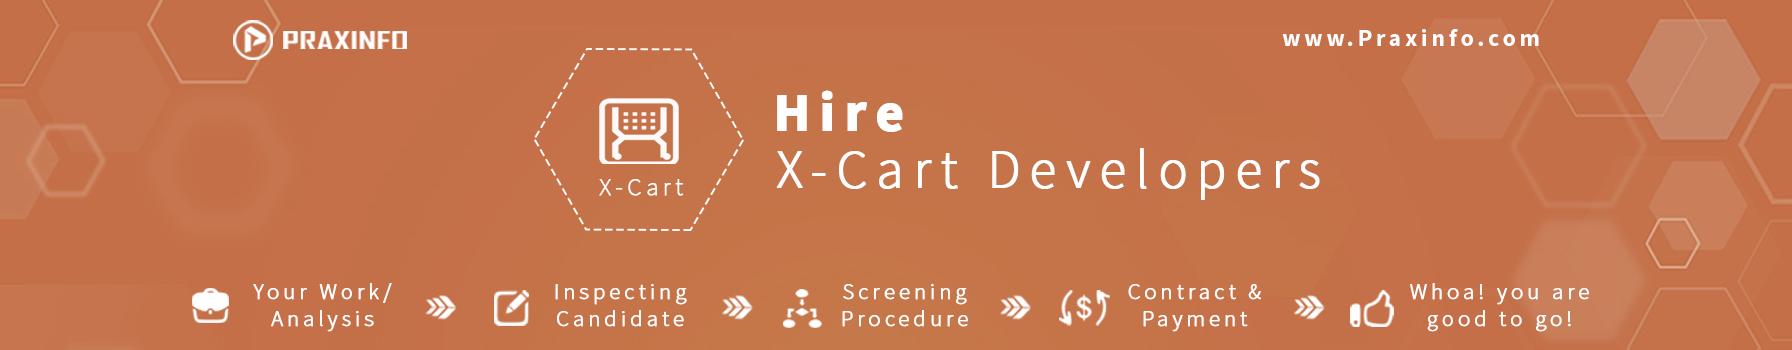 hire-x-cart-developer.png